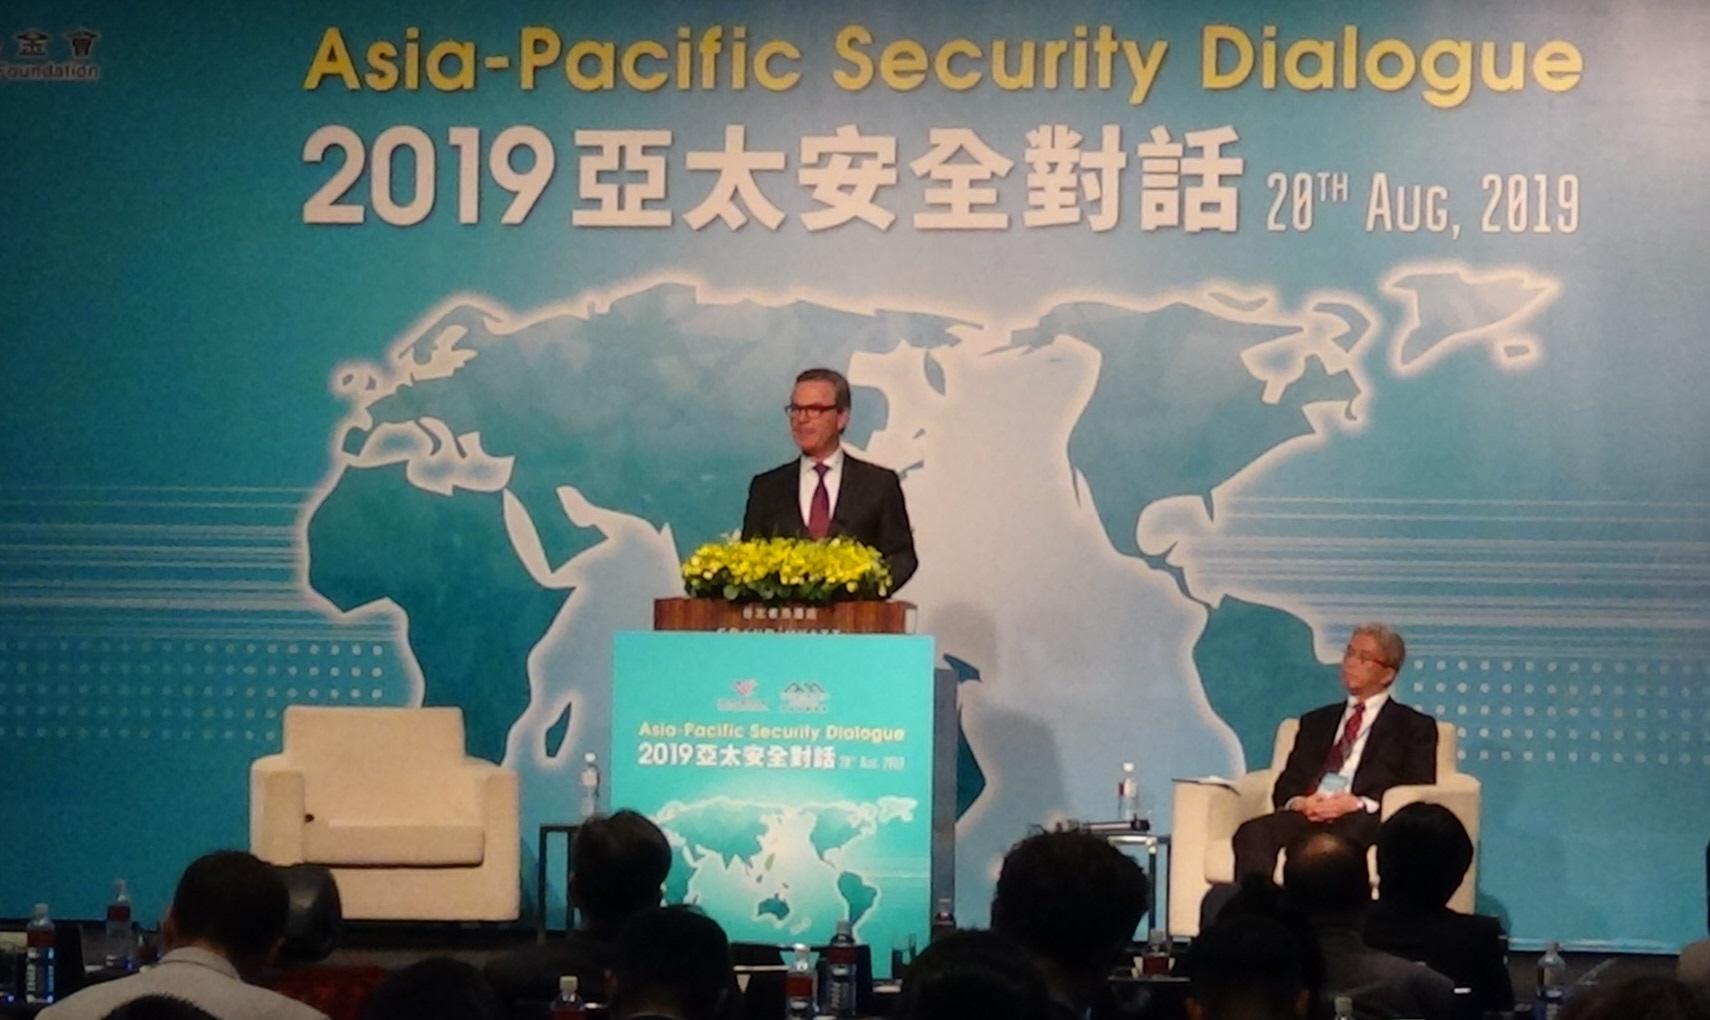 """前澳大利亚国防部长派恩出席台北的""""2019亚太安全对话""""。(记者夏小华摄)"""